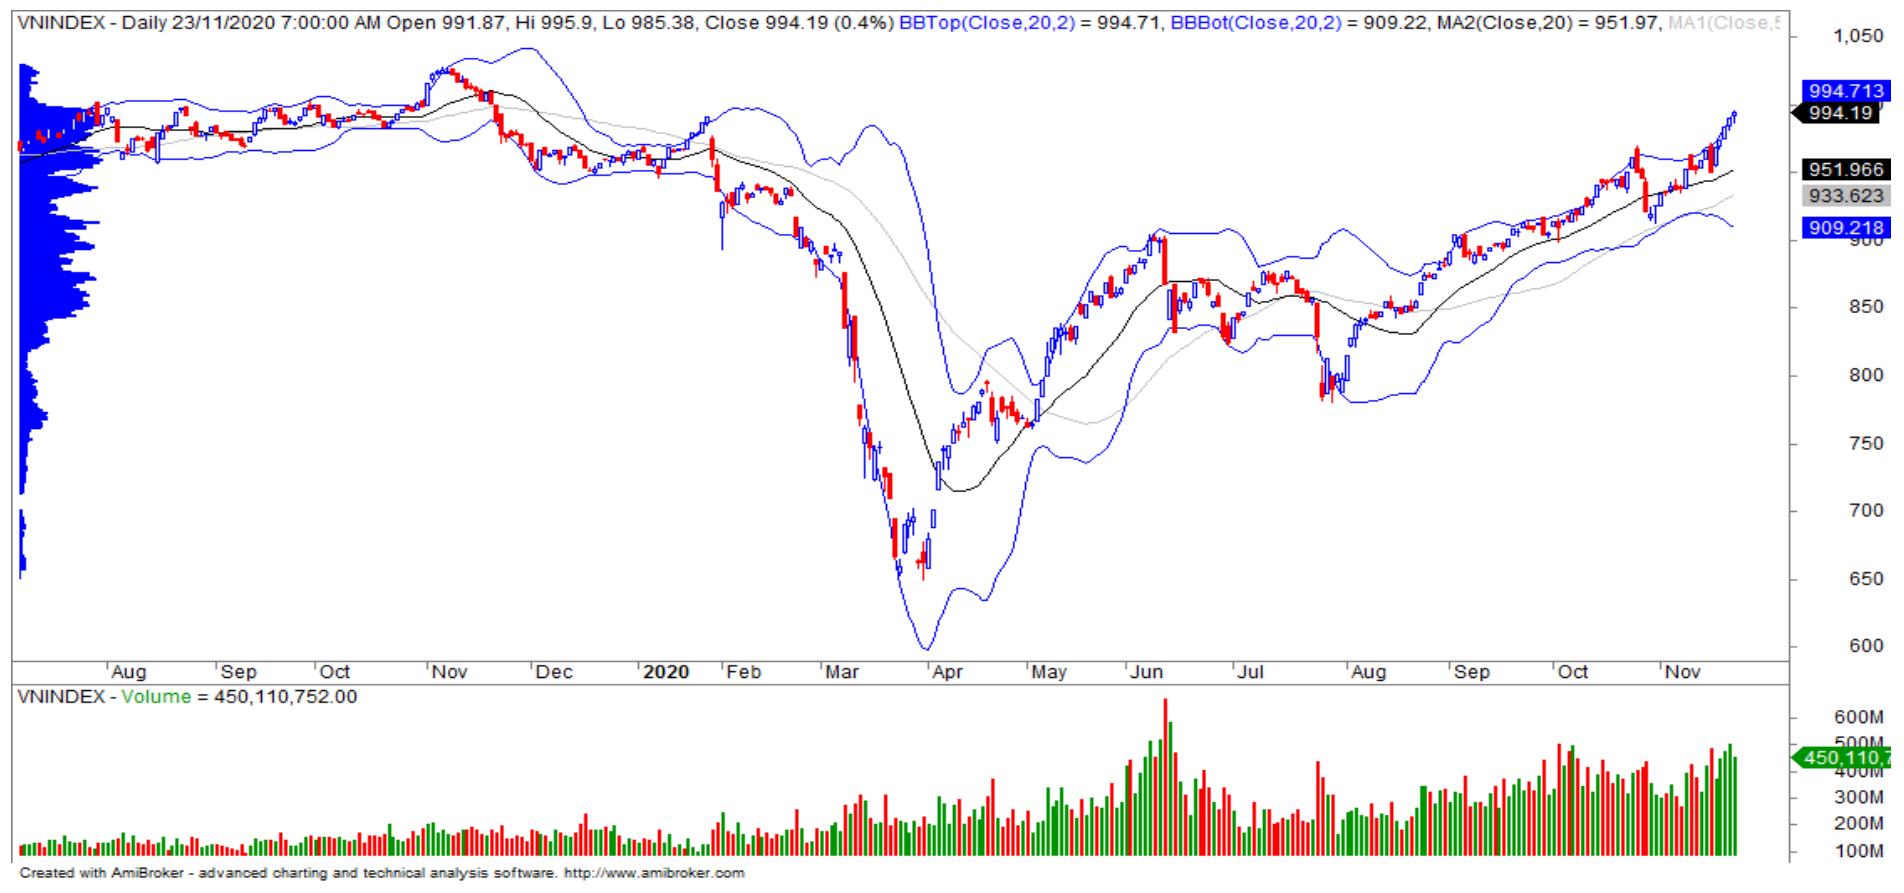 Nhận định thị trường chứng khoán ngày 24/11: Tiến sát vùng kháng cự tâm lí 1.000 điểm - Ảnh 1.